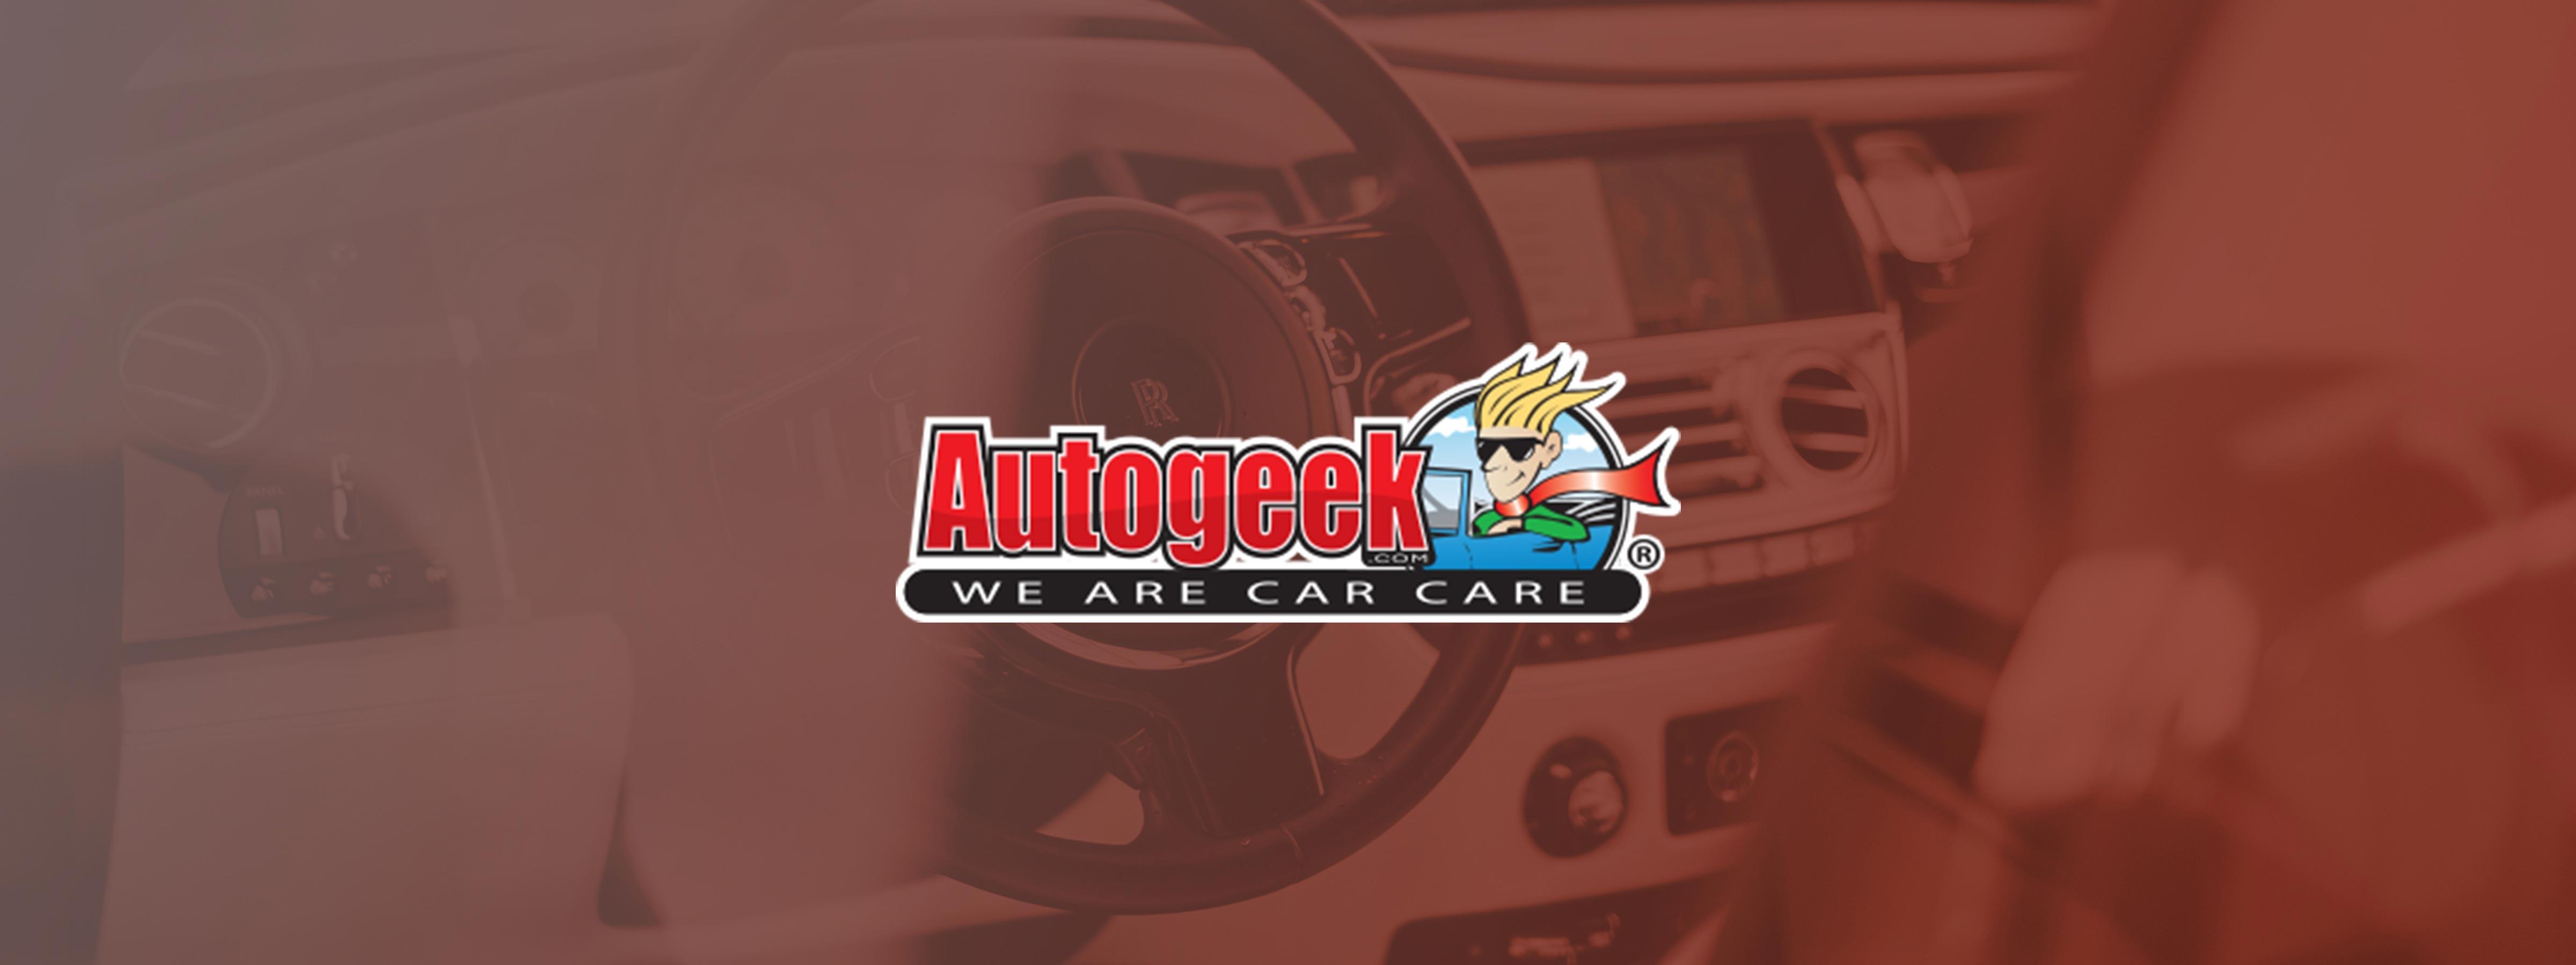 Autogeek Case Study